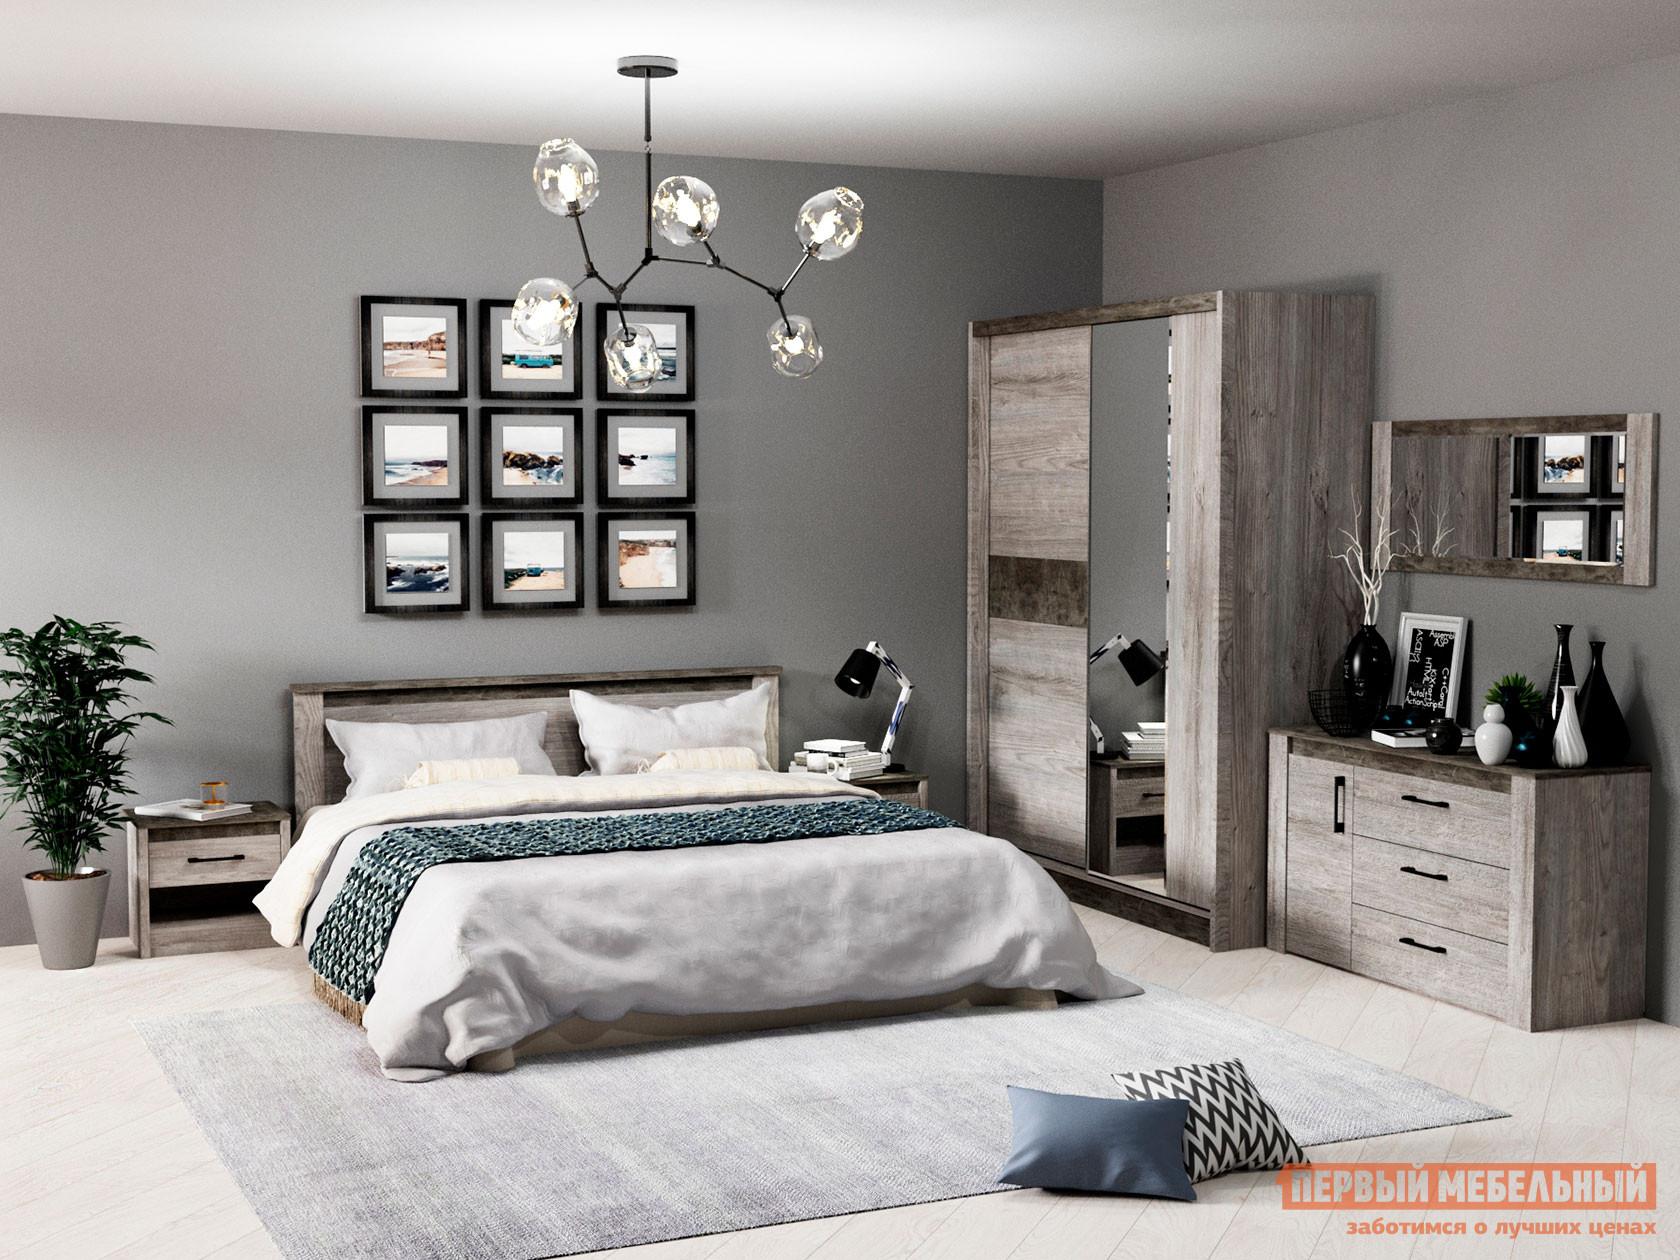 Спальный гарнитур Первый Мебельный Комплект мебели для спальни Денвер С2